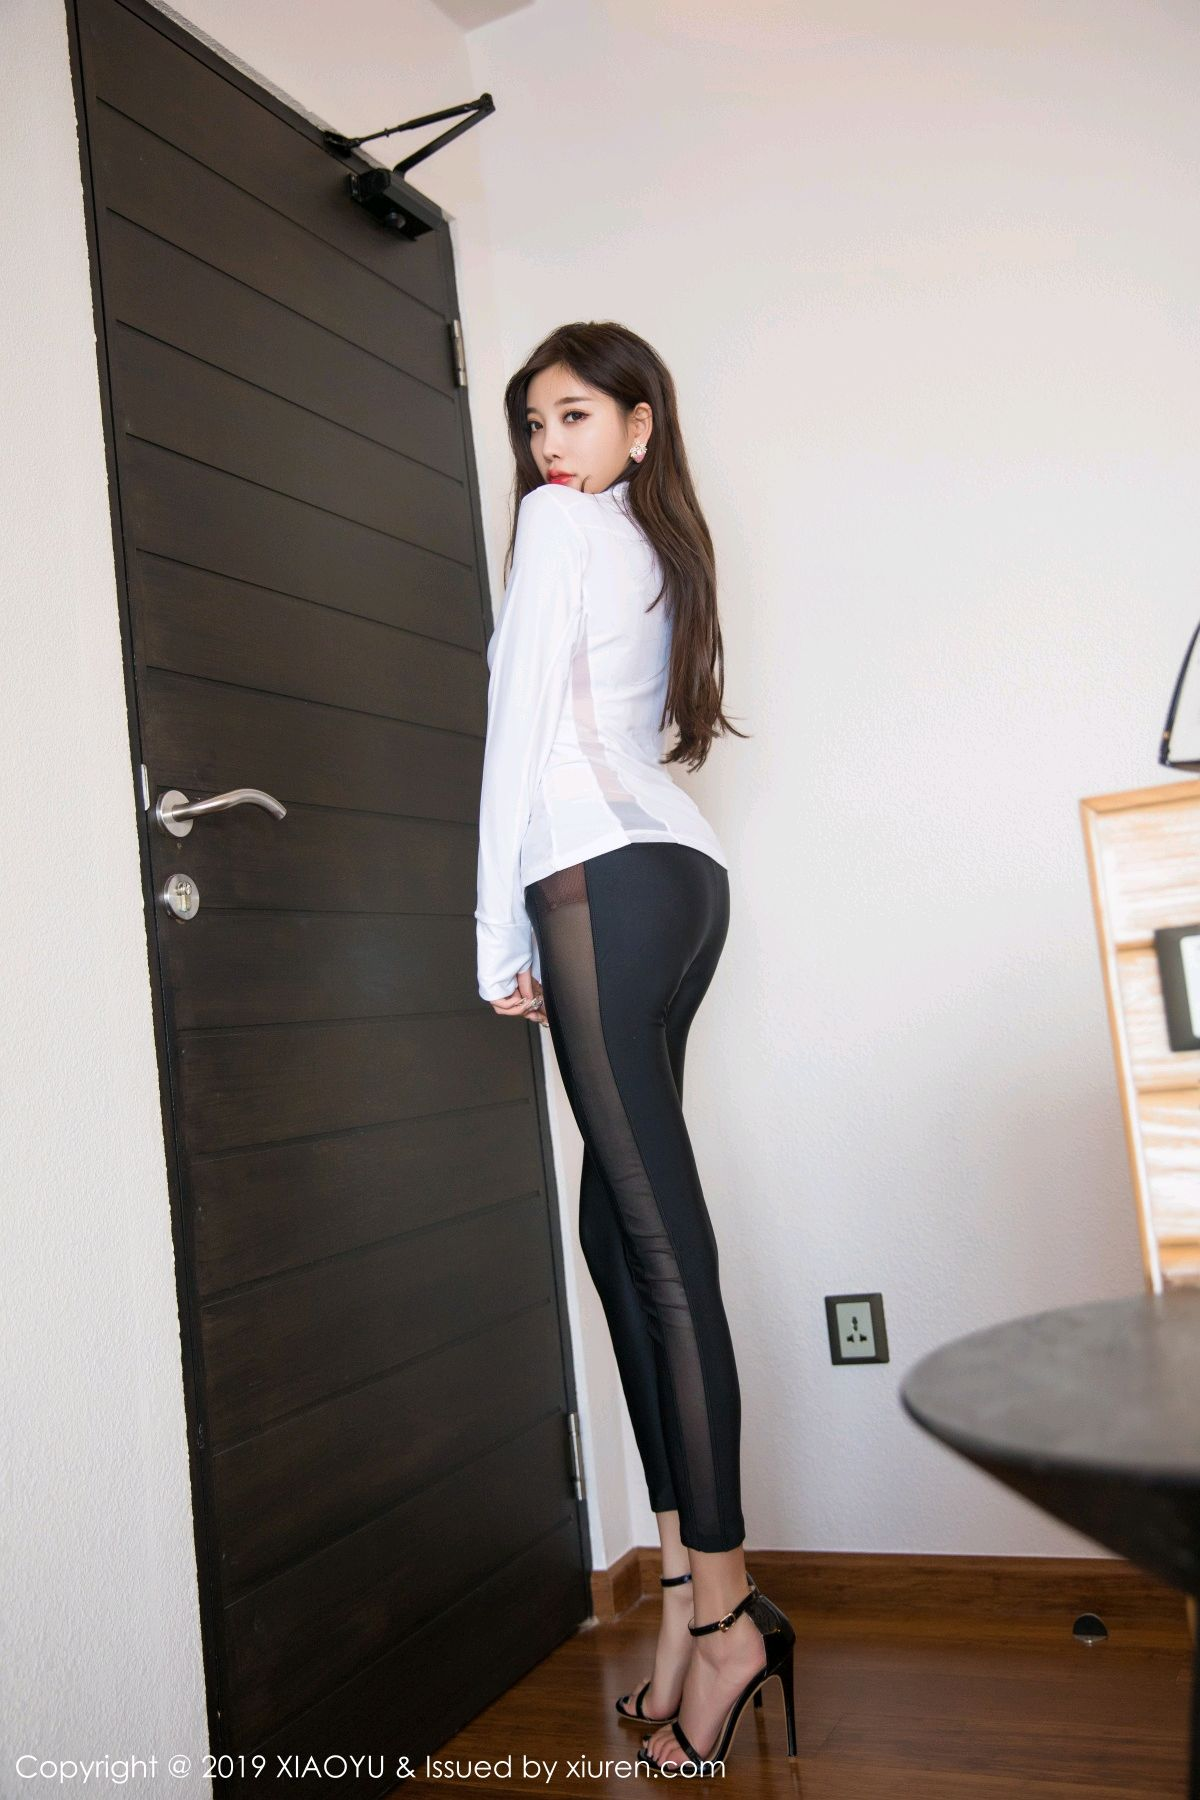 [XiaoYu] Vol.077 Yang Chen Chen Sugar 18P, Underwear, XiaoYu, Yang Chen Chen